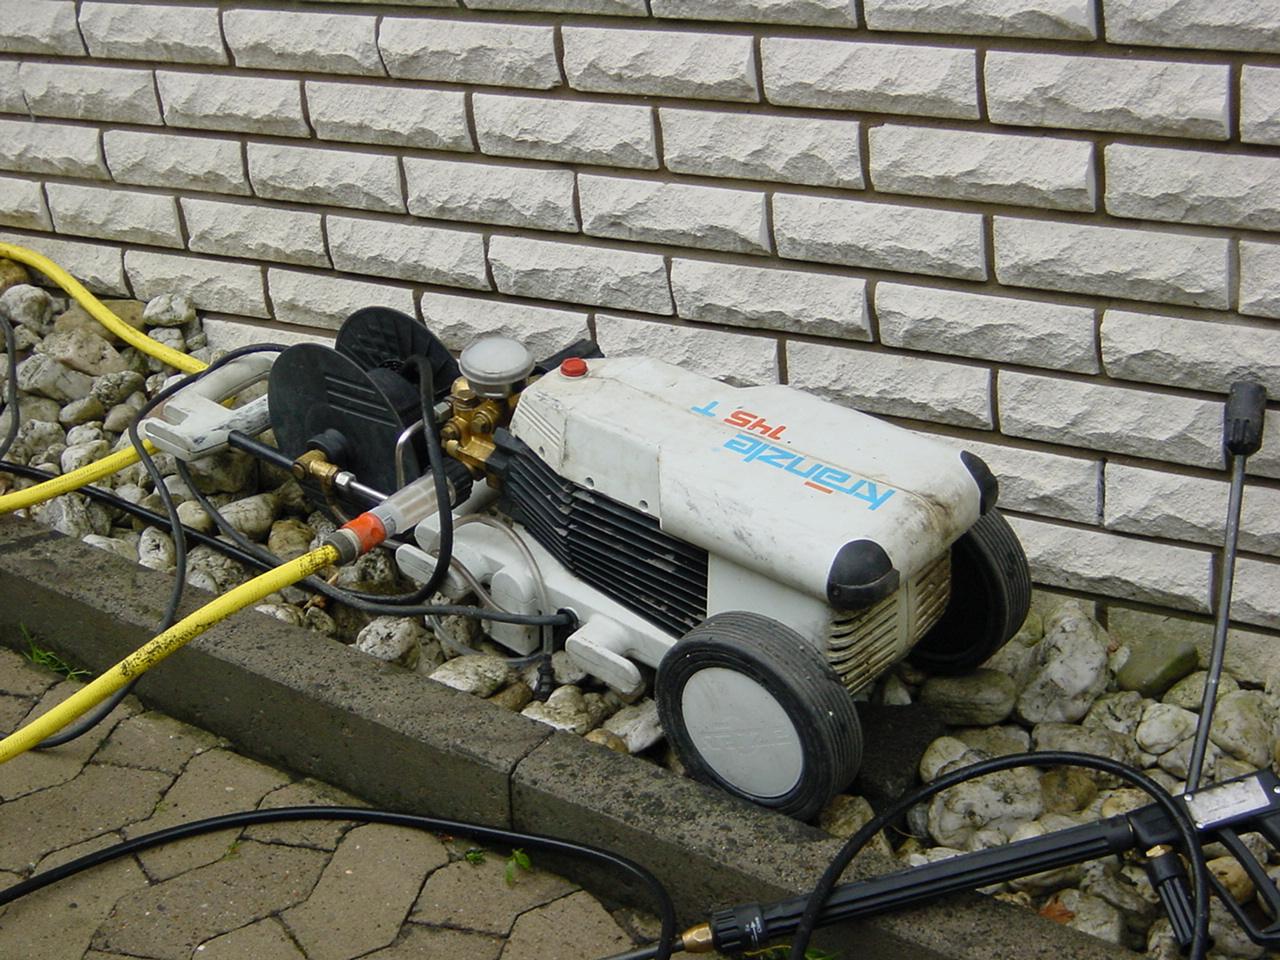 Reinigungsarbeiten mit Hochdruckreiniger in Bad Oeynhausen